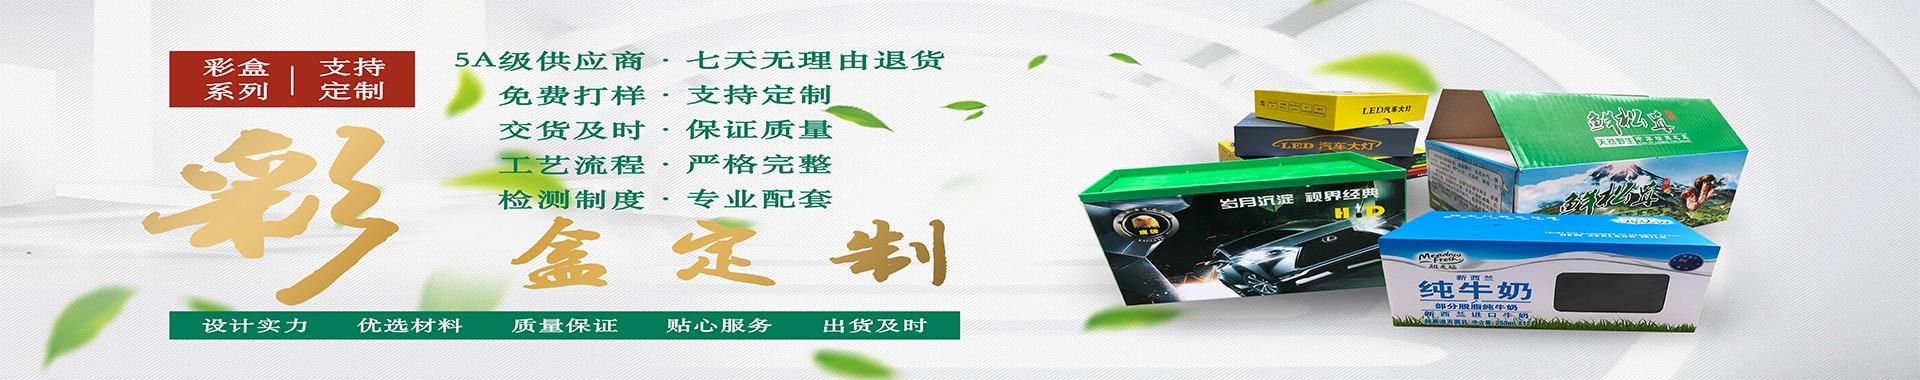 彩盒系列-广告